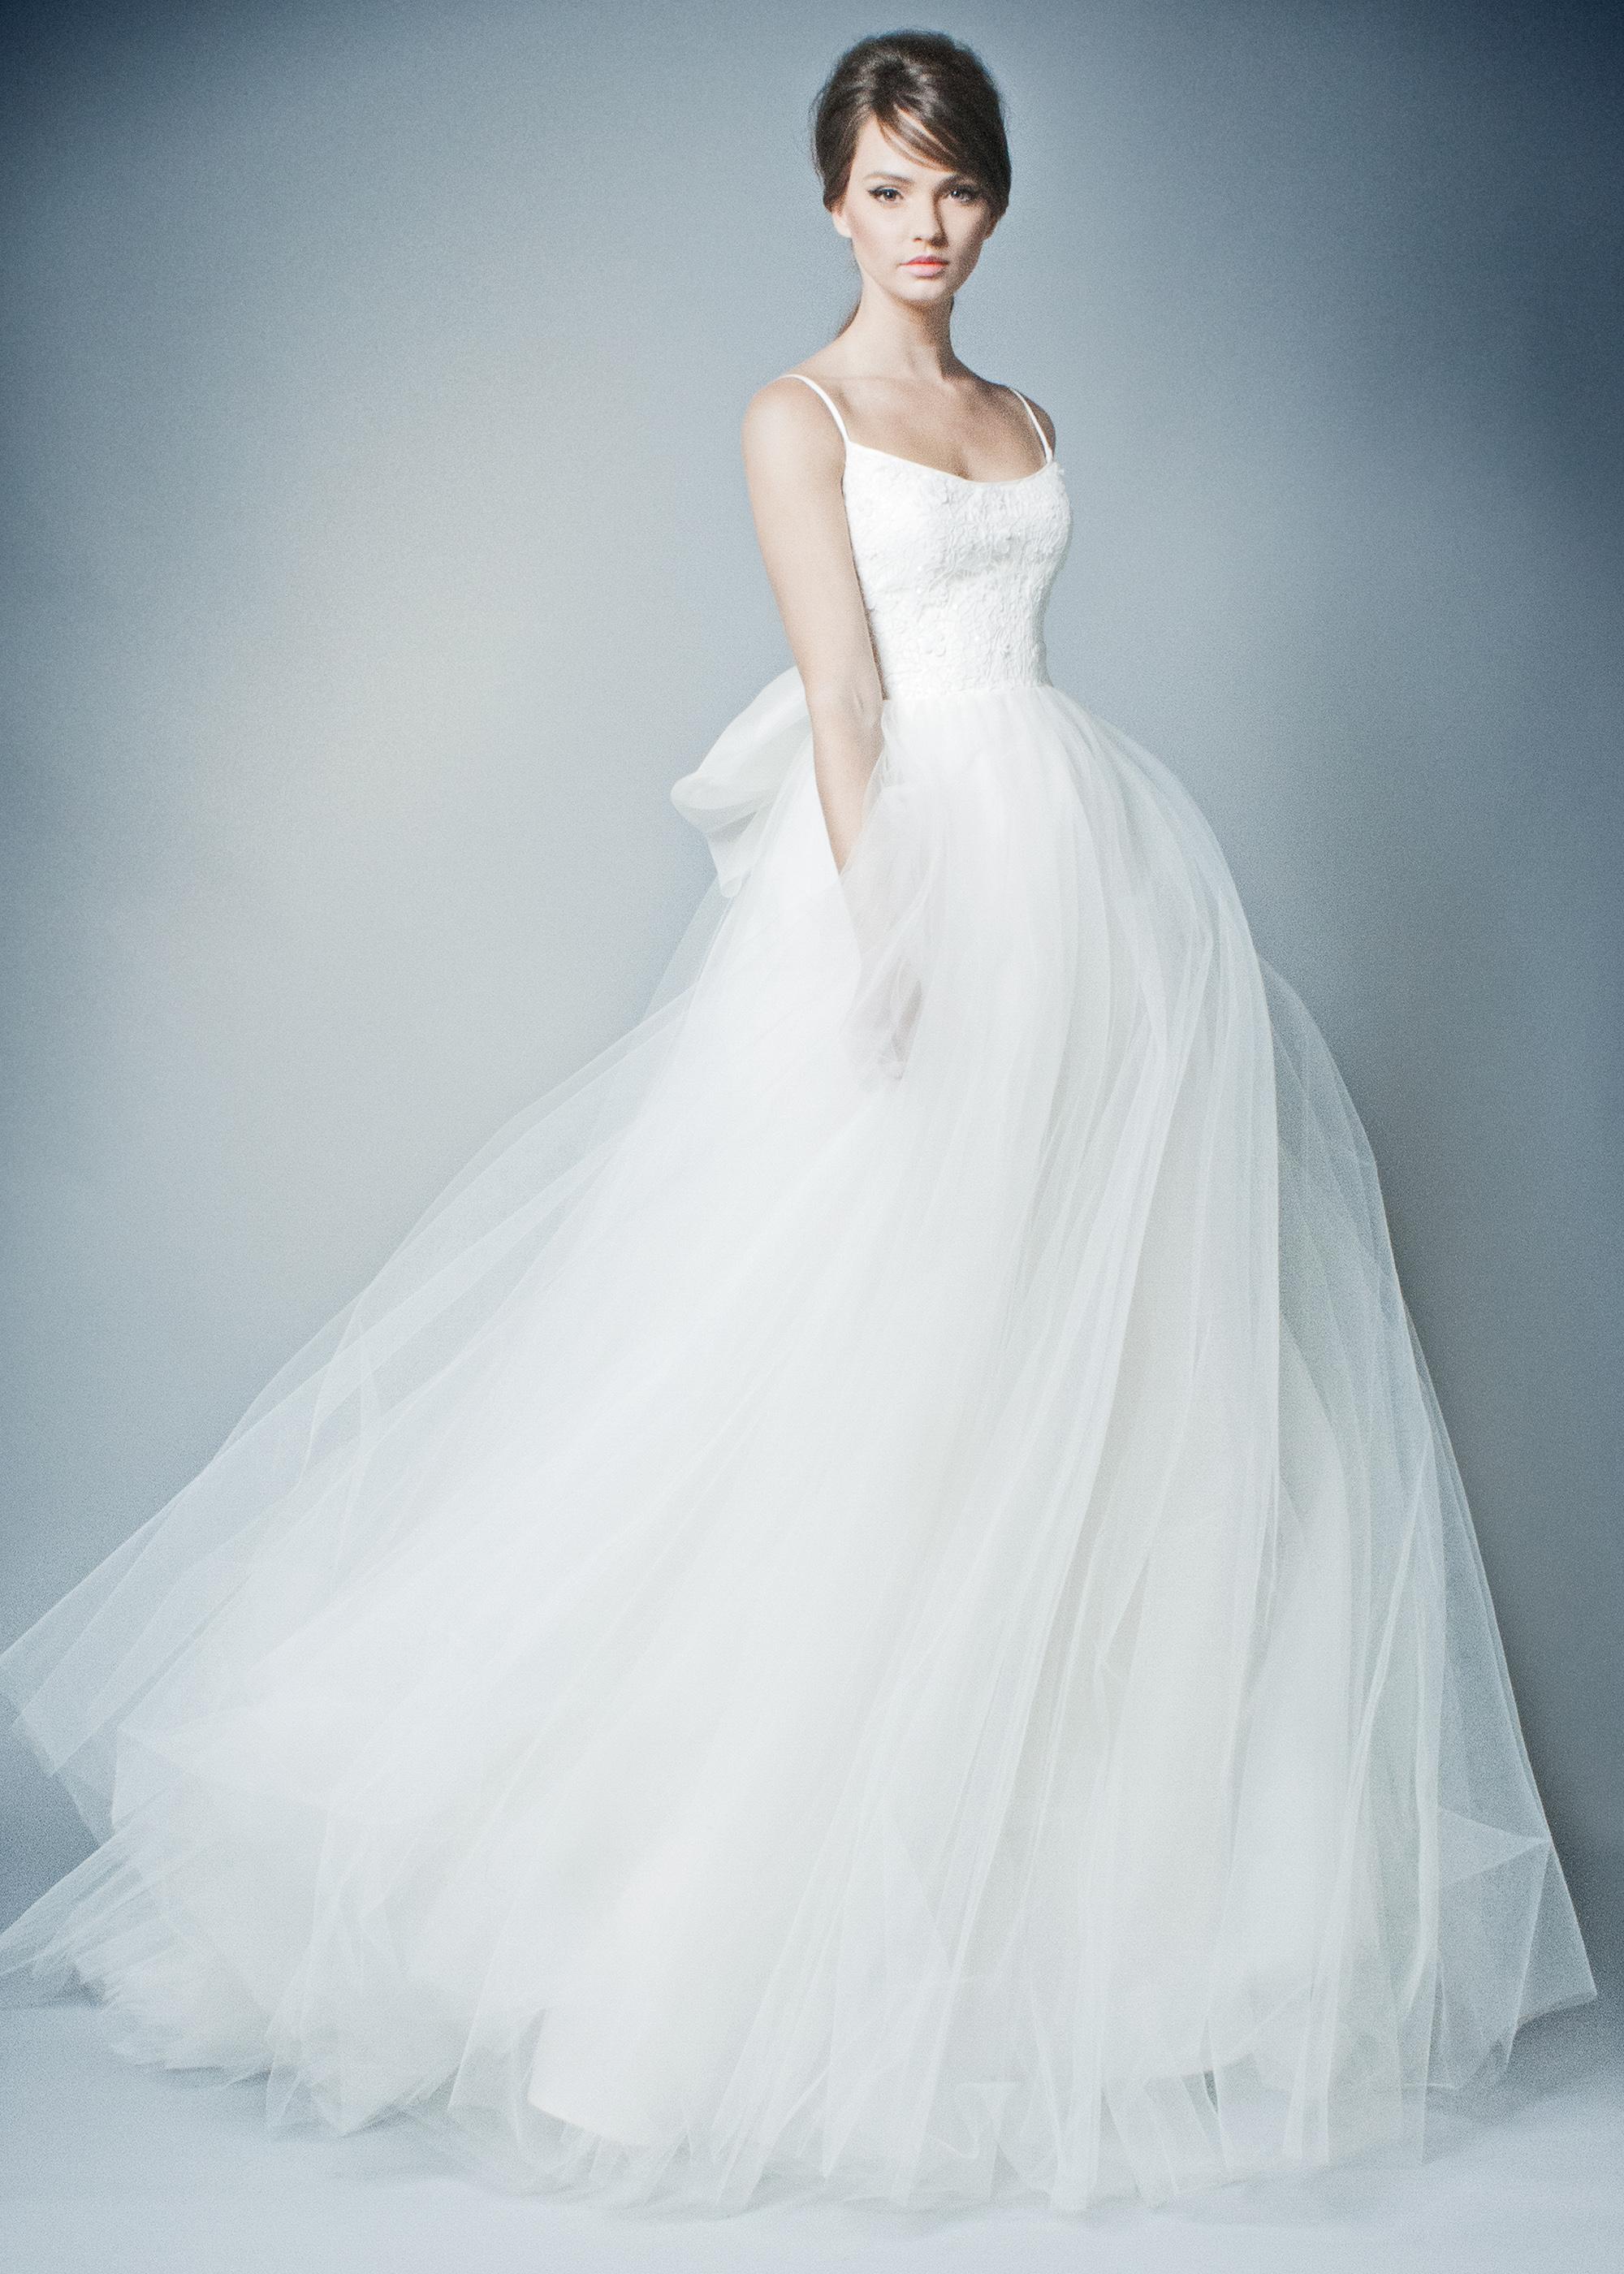 romona wedding dress spring 2019 tulle ballgown with spaghetti straps